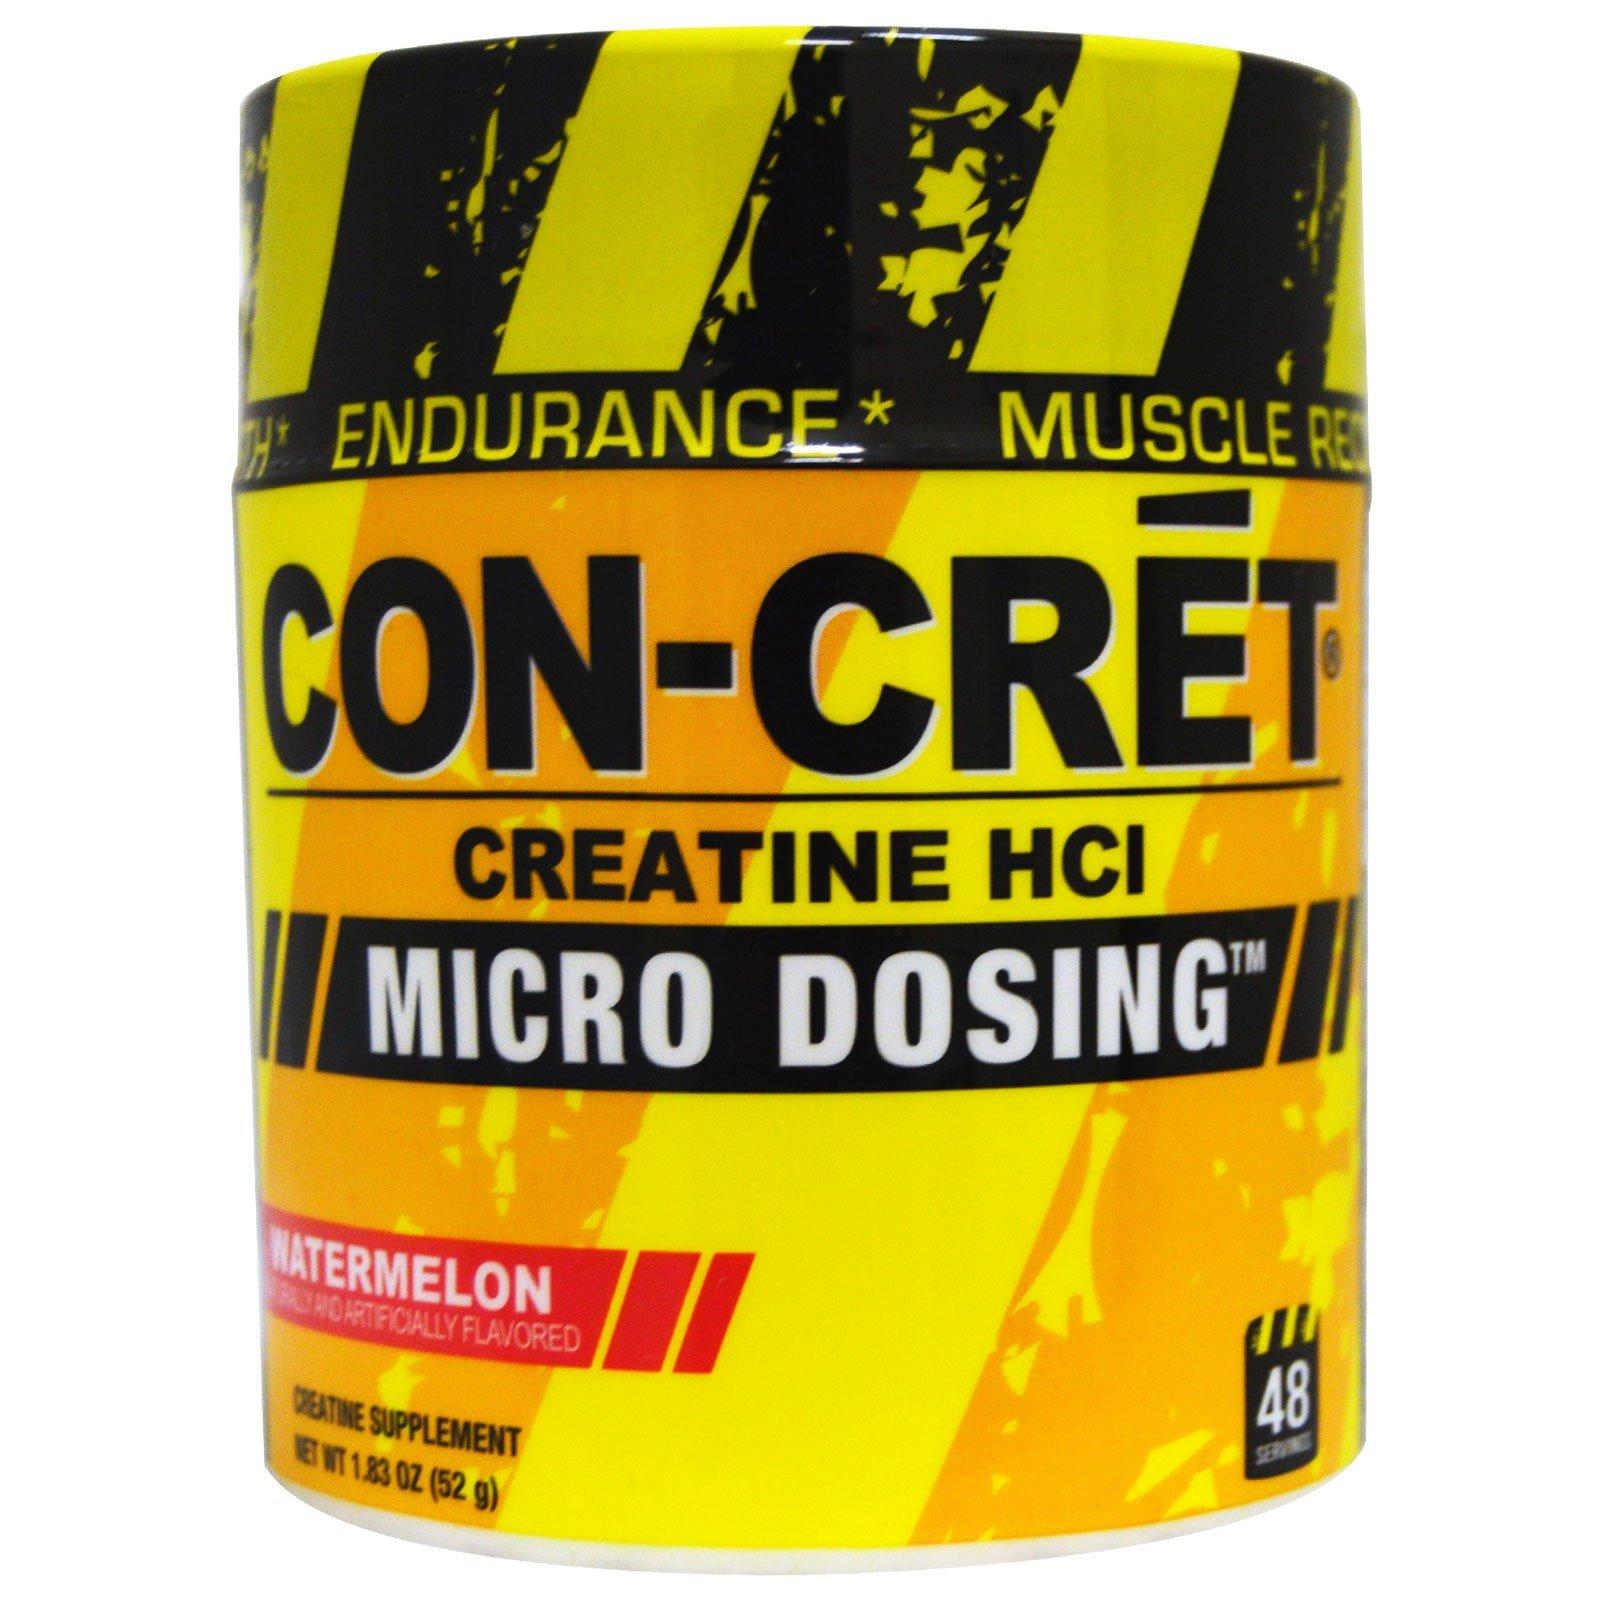 Con-Cret, Creatine HCl, Micro Dosing, Watermelon, 1.83 oz (52 g) - 2pc